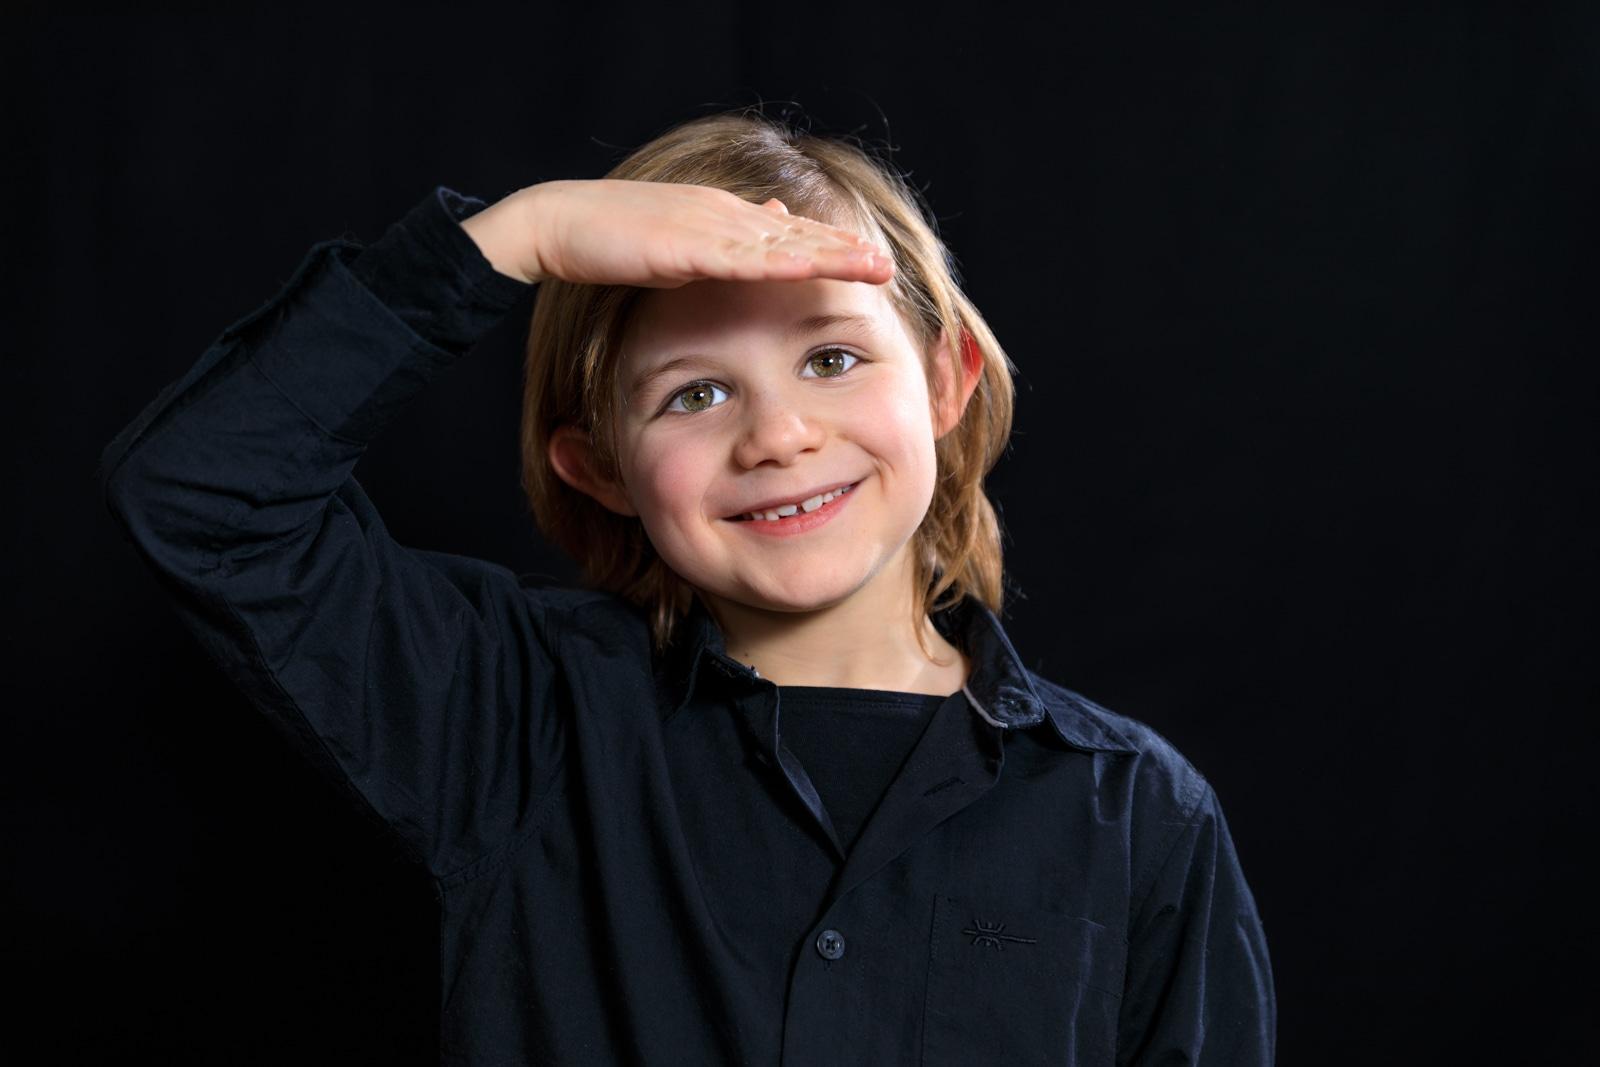 jeune garçon souriant et posant de face